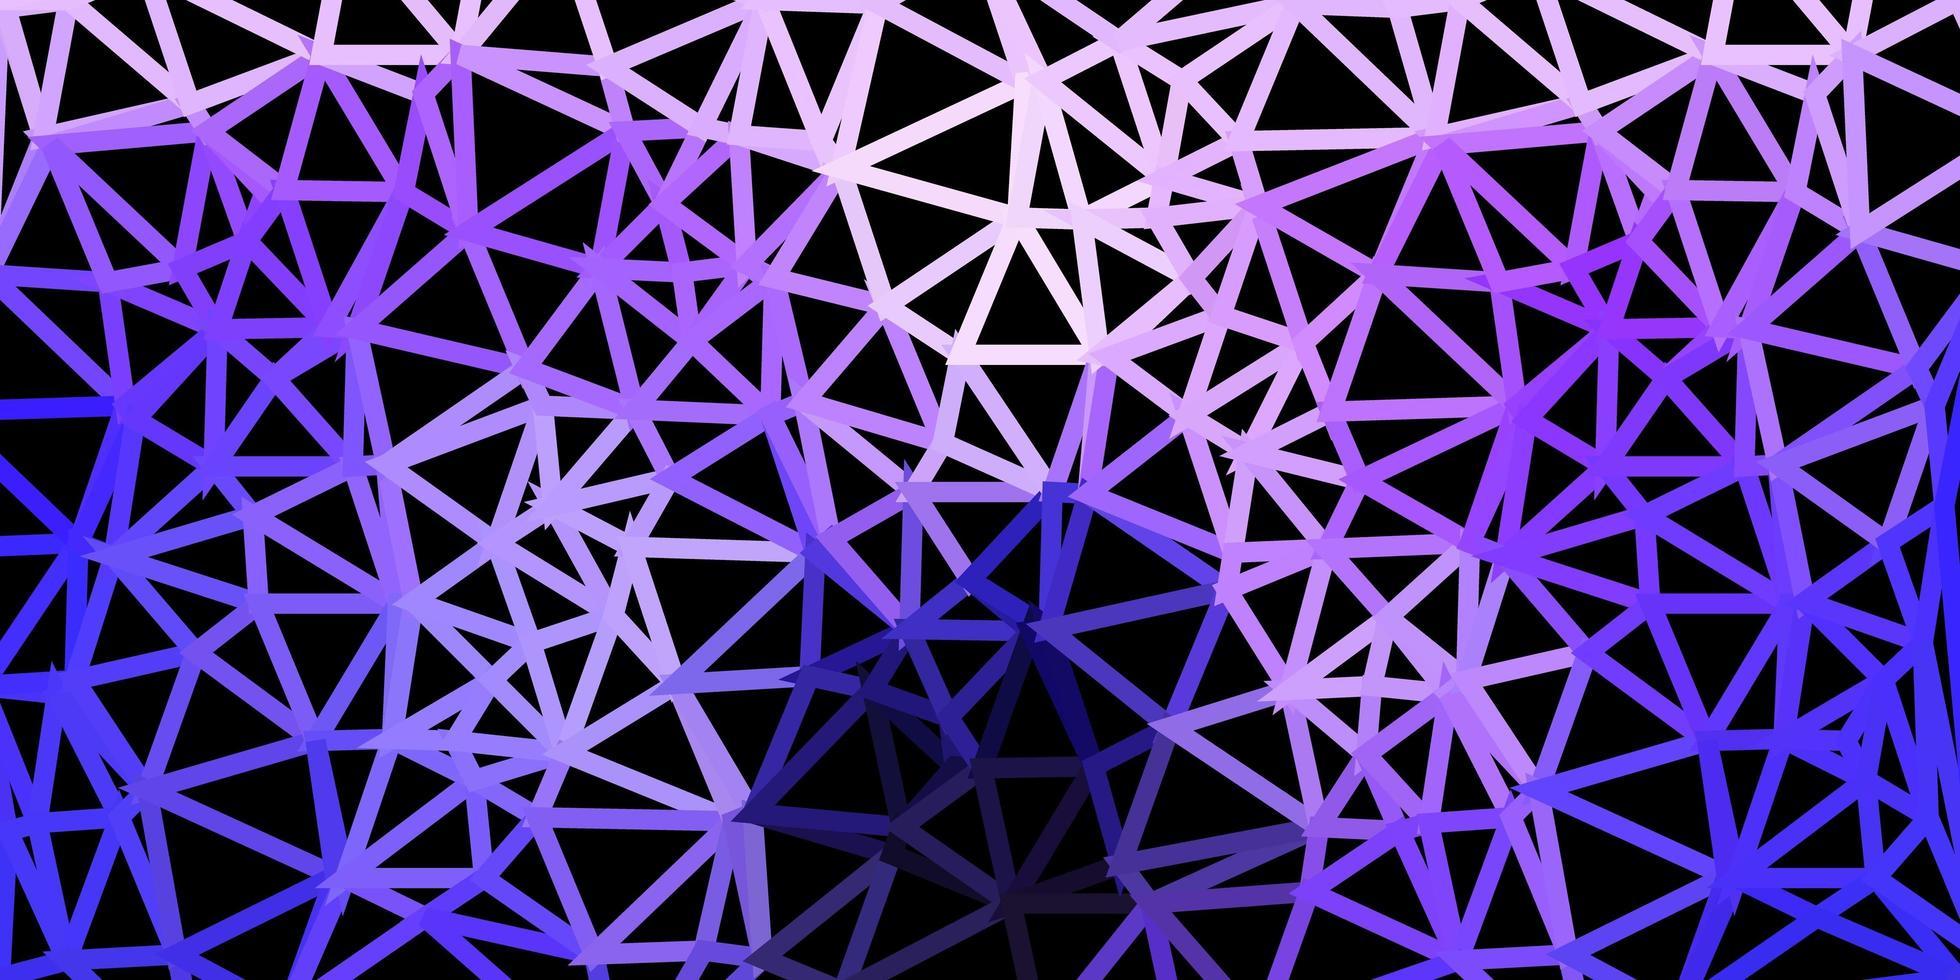 toile de fond polygonale vecteur violet clair.